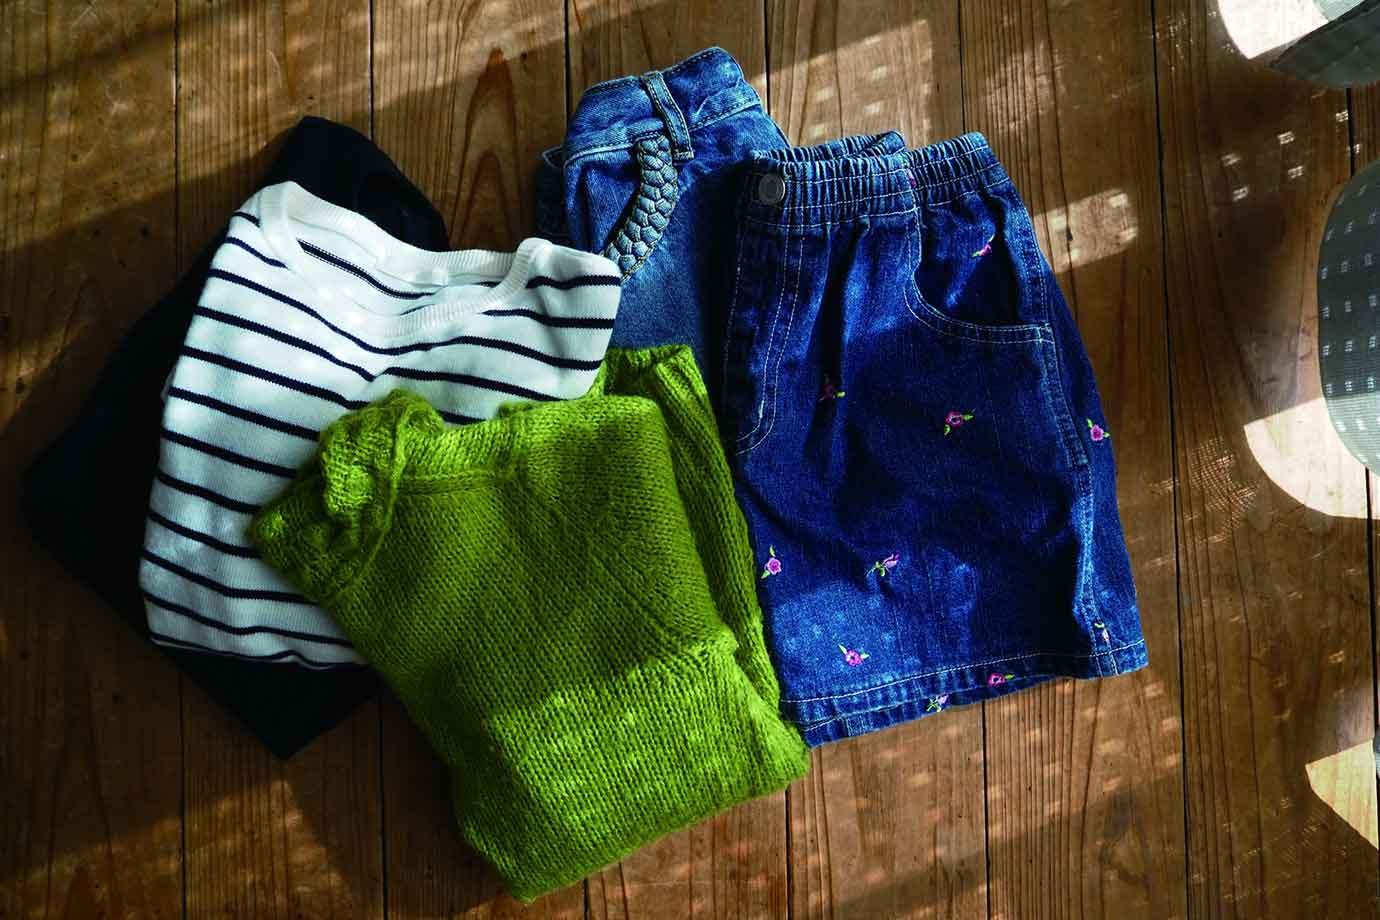 いらない服も、リユースに出せば地球にやさしいサスティナブルな暮らしにつながります